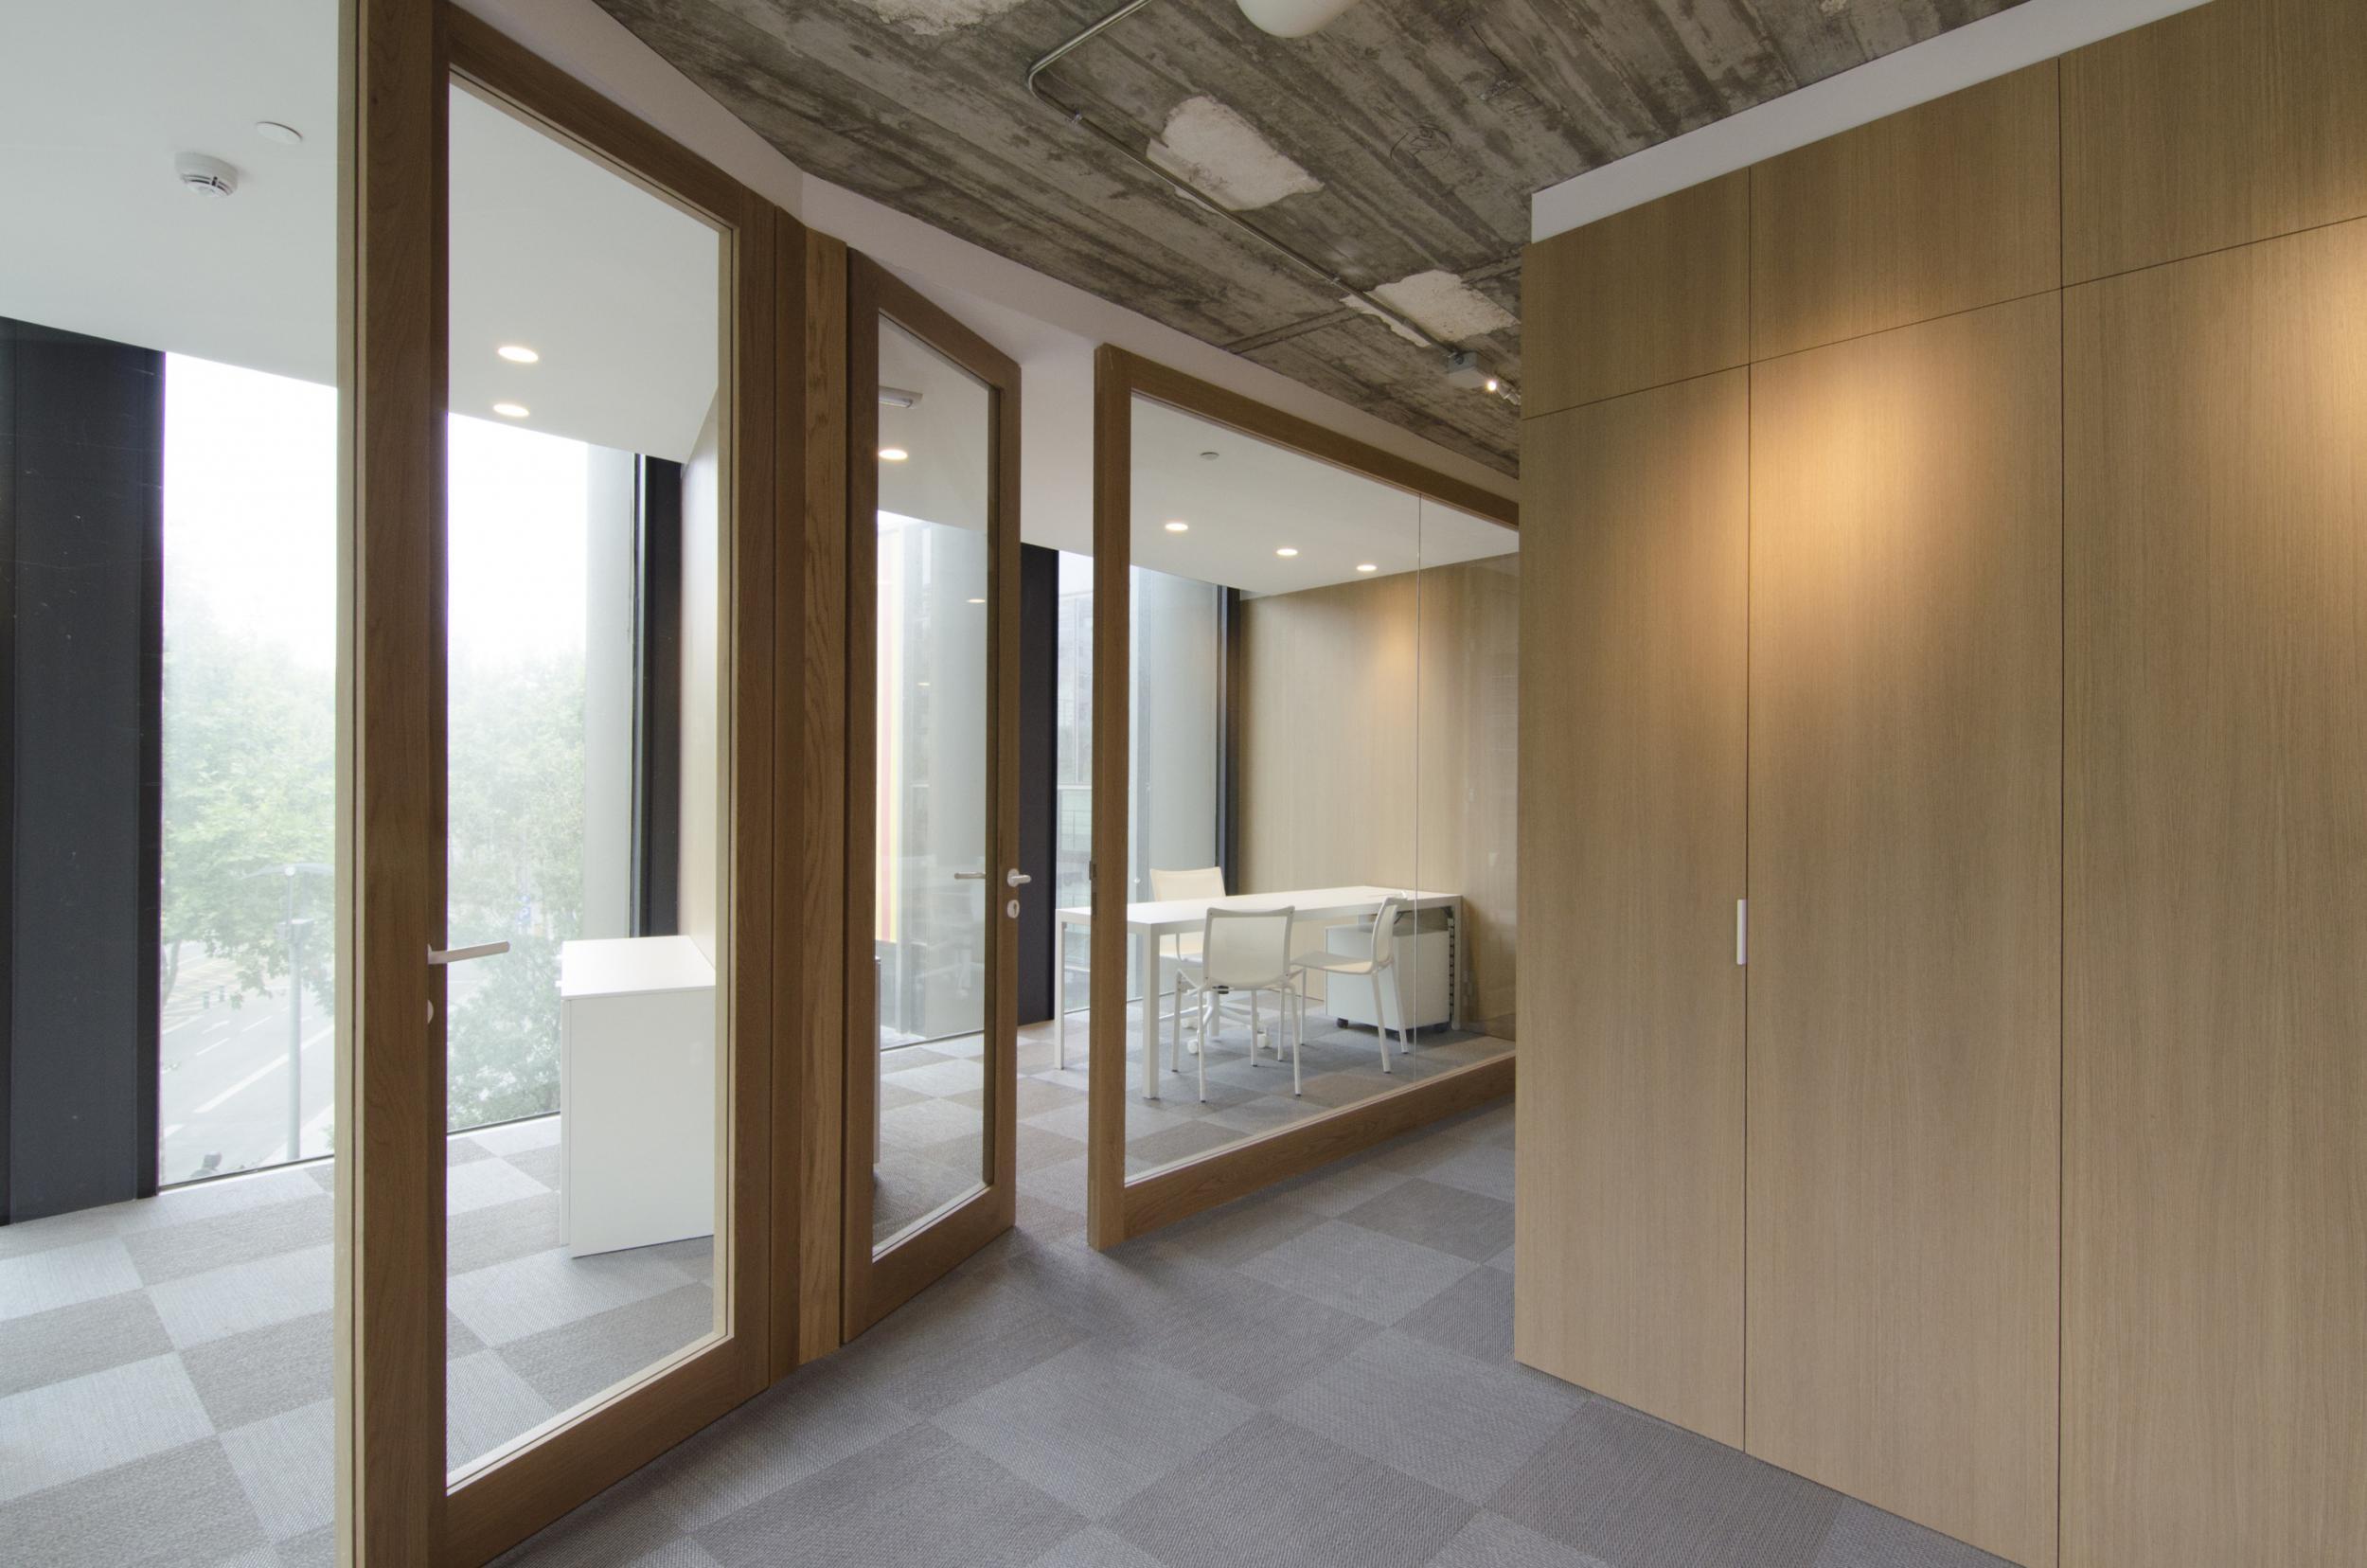 Oficinas Mediapro   vilablanch. Estudio de arquitectura interior ...